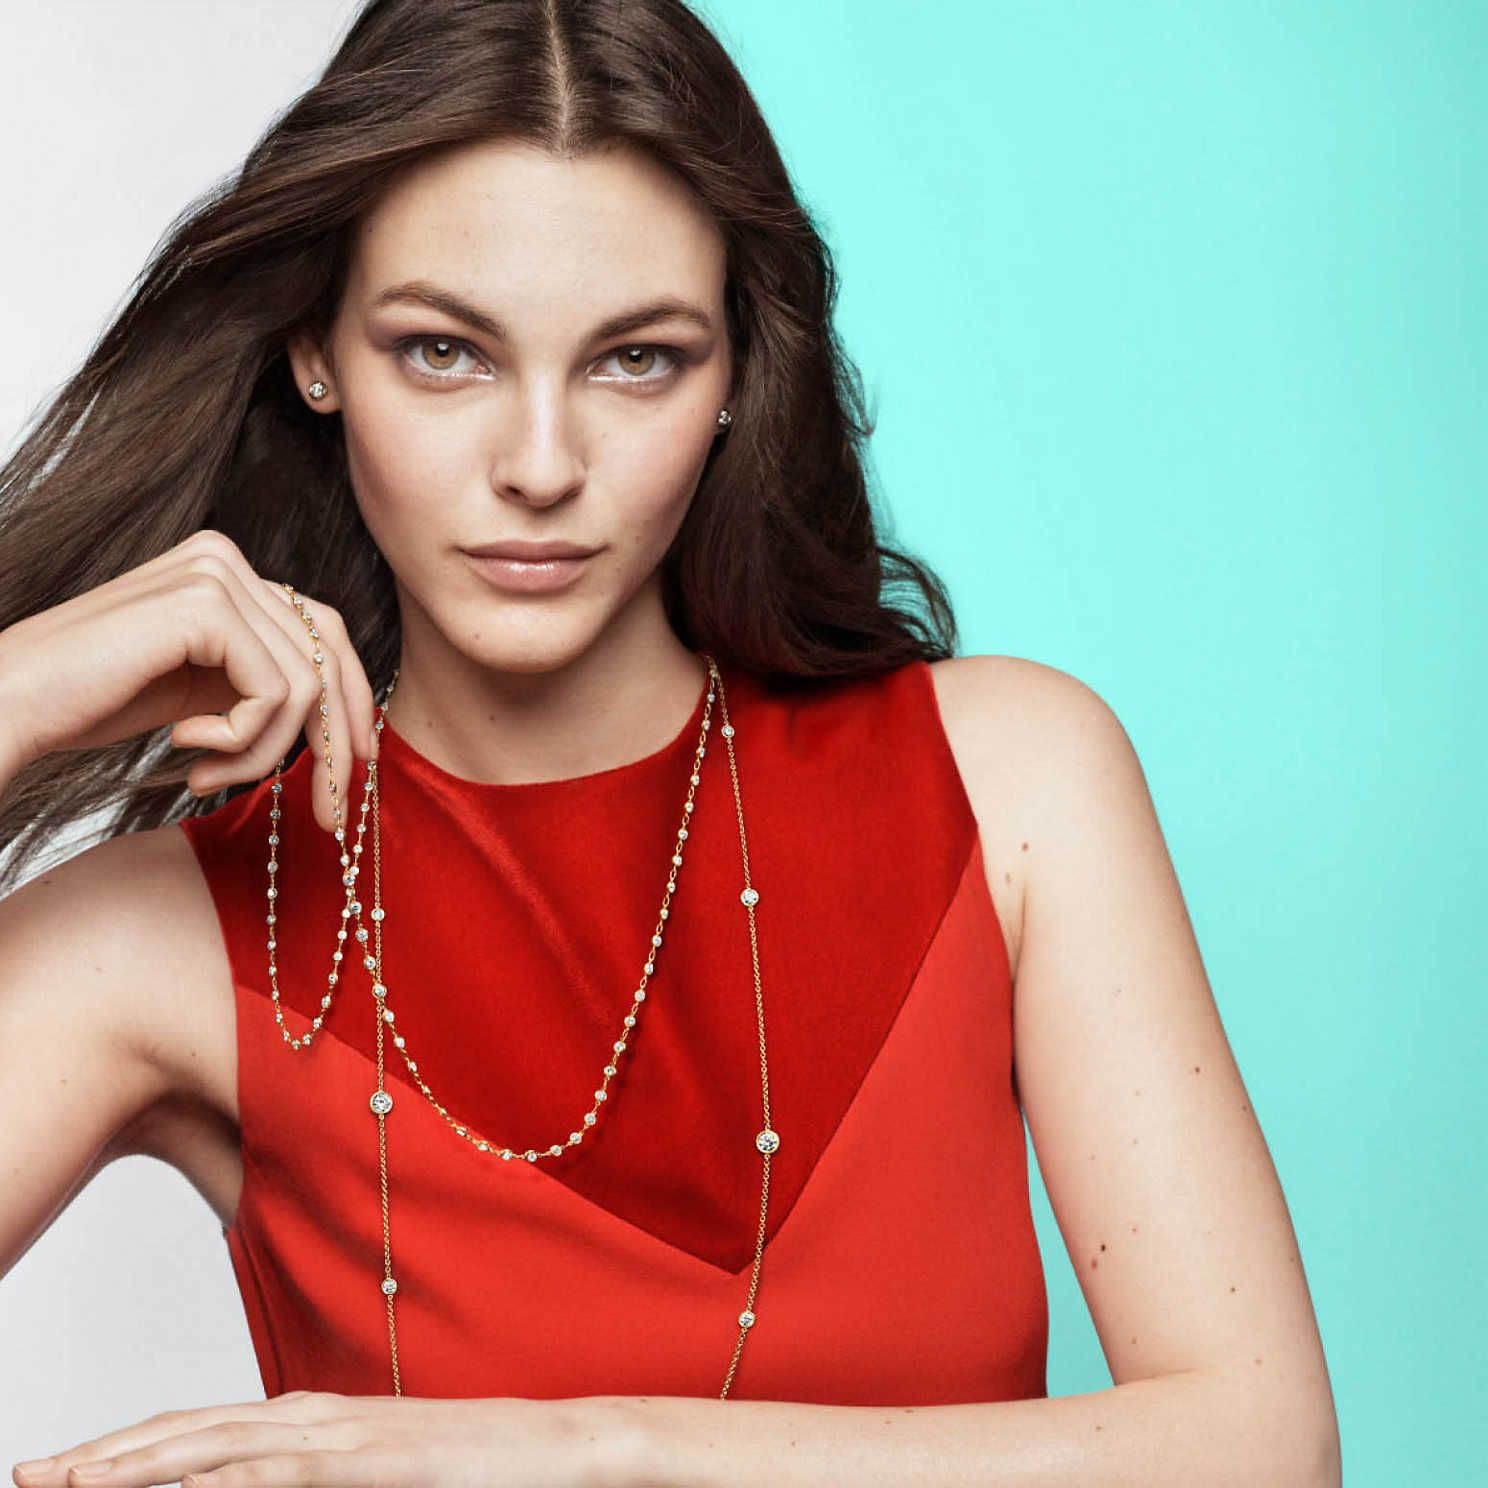 Tiffany & Co. Celebrates its 45-Year Partnership With Elsa Peretti